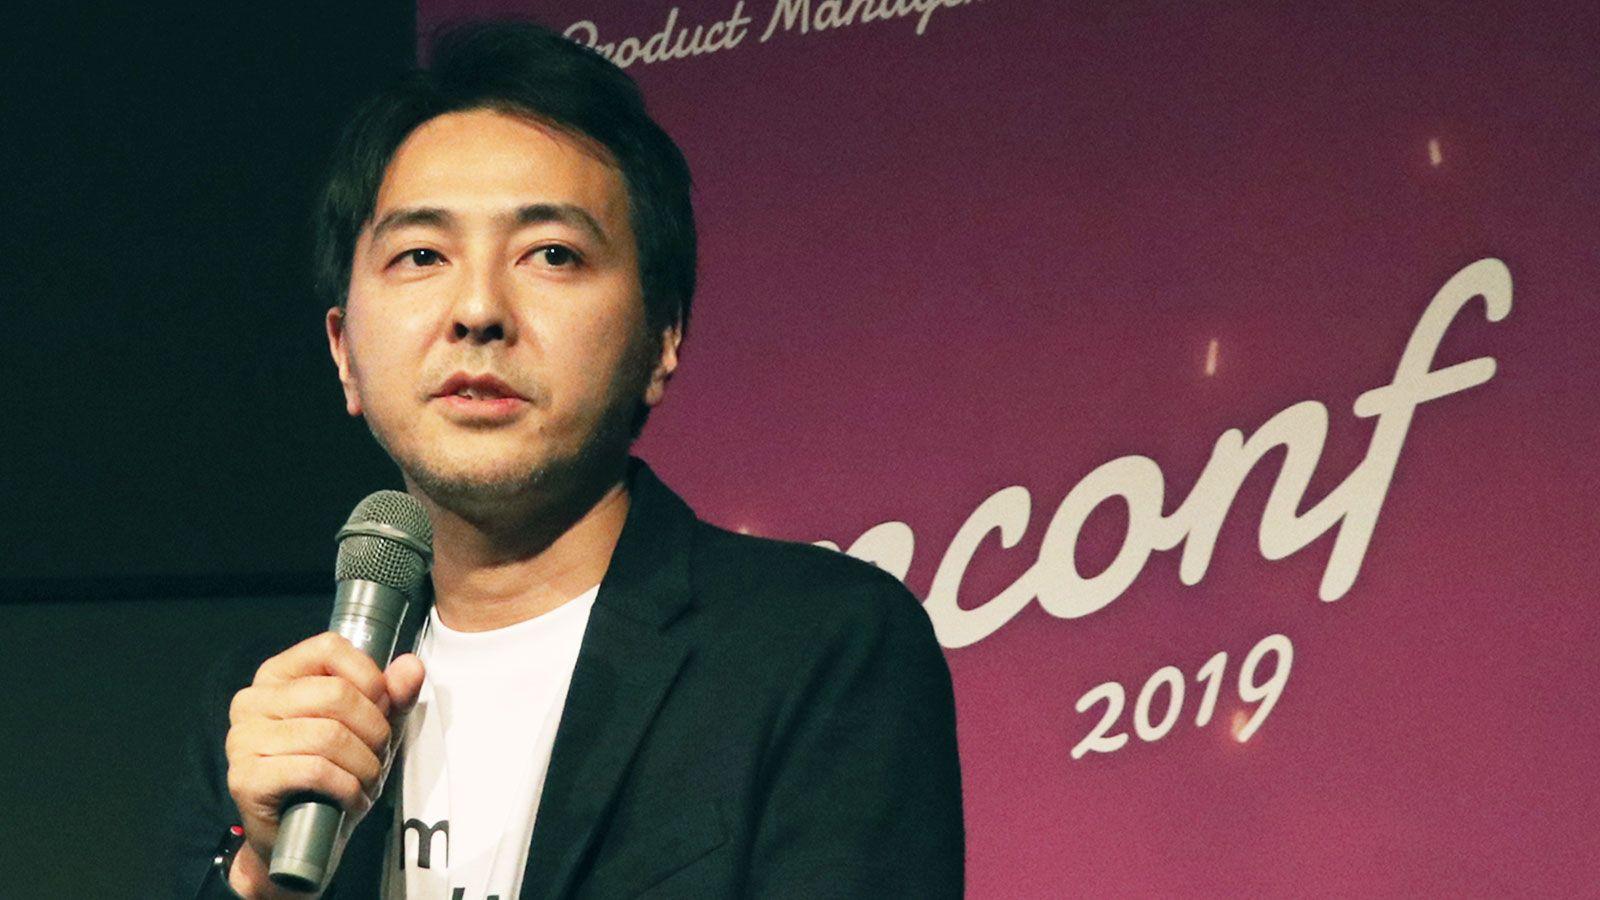 「プロダクトを創るように組織をつくる」|エン・ジャパン 岡田康豊